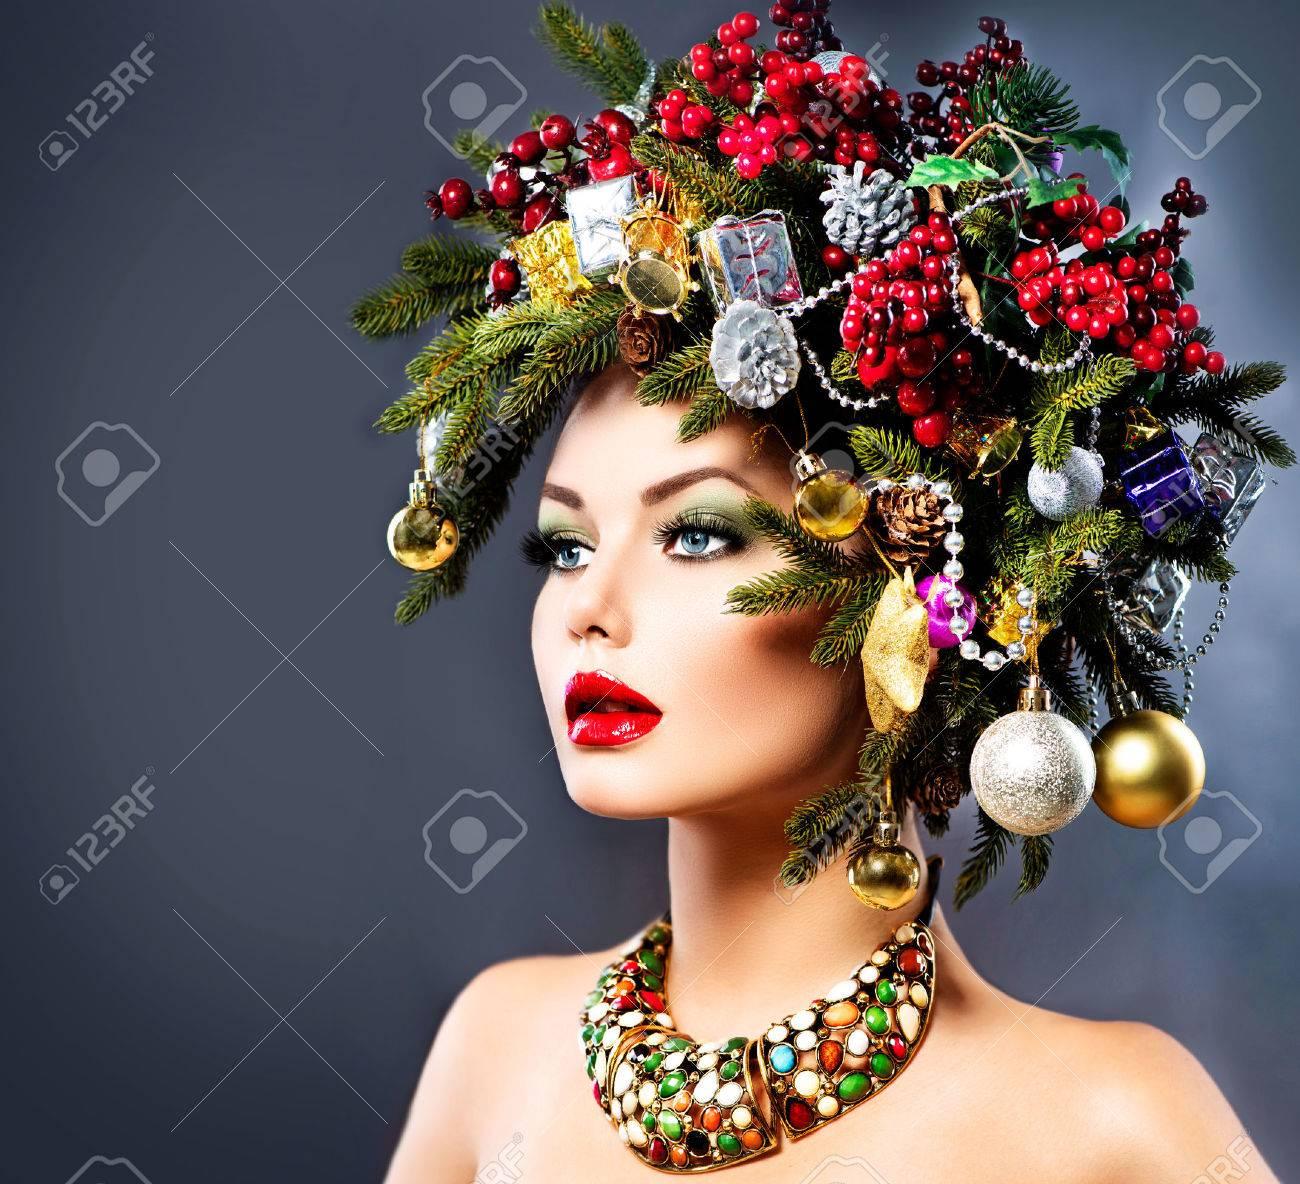 Weihnachten Winter Frau Schoner Weihnachtsfeiertag Frisur